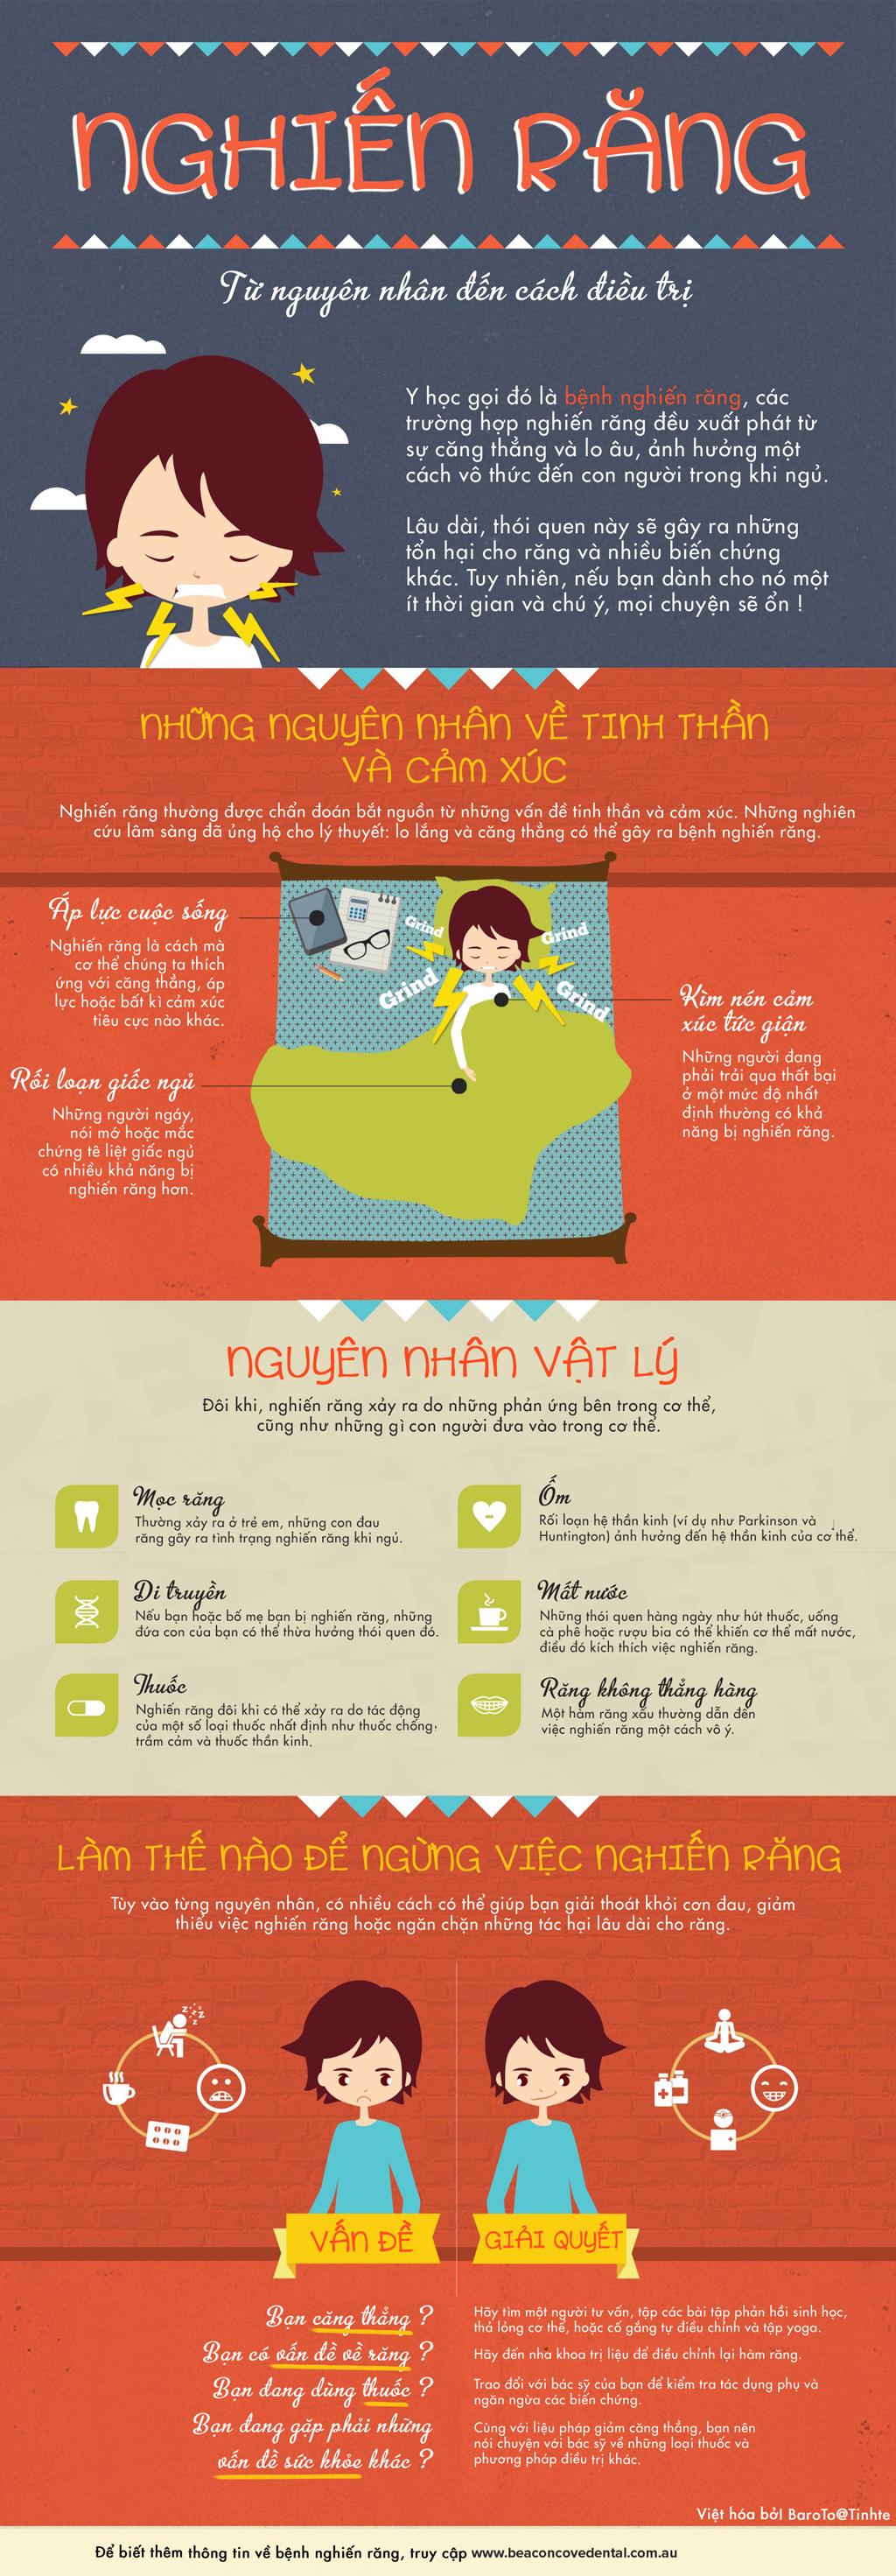 Nghiến răng khi ngủ: từ nguyên nhân và cách điều trị